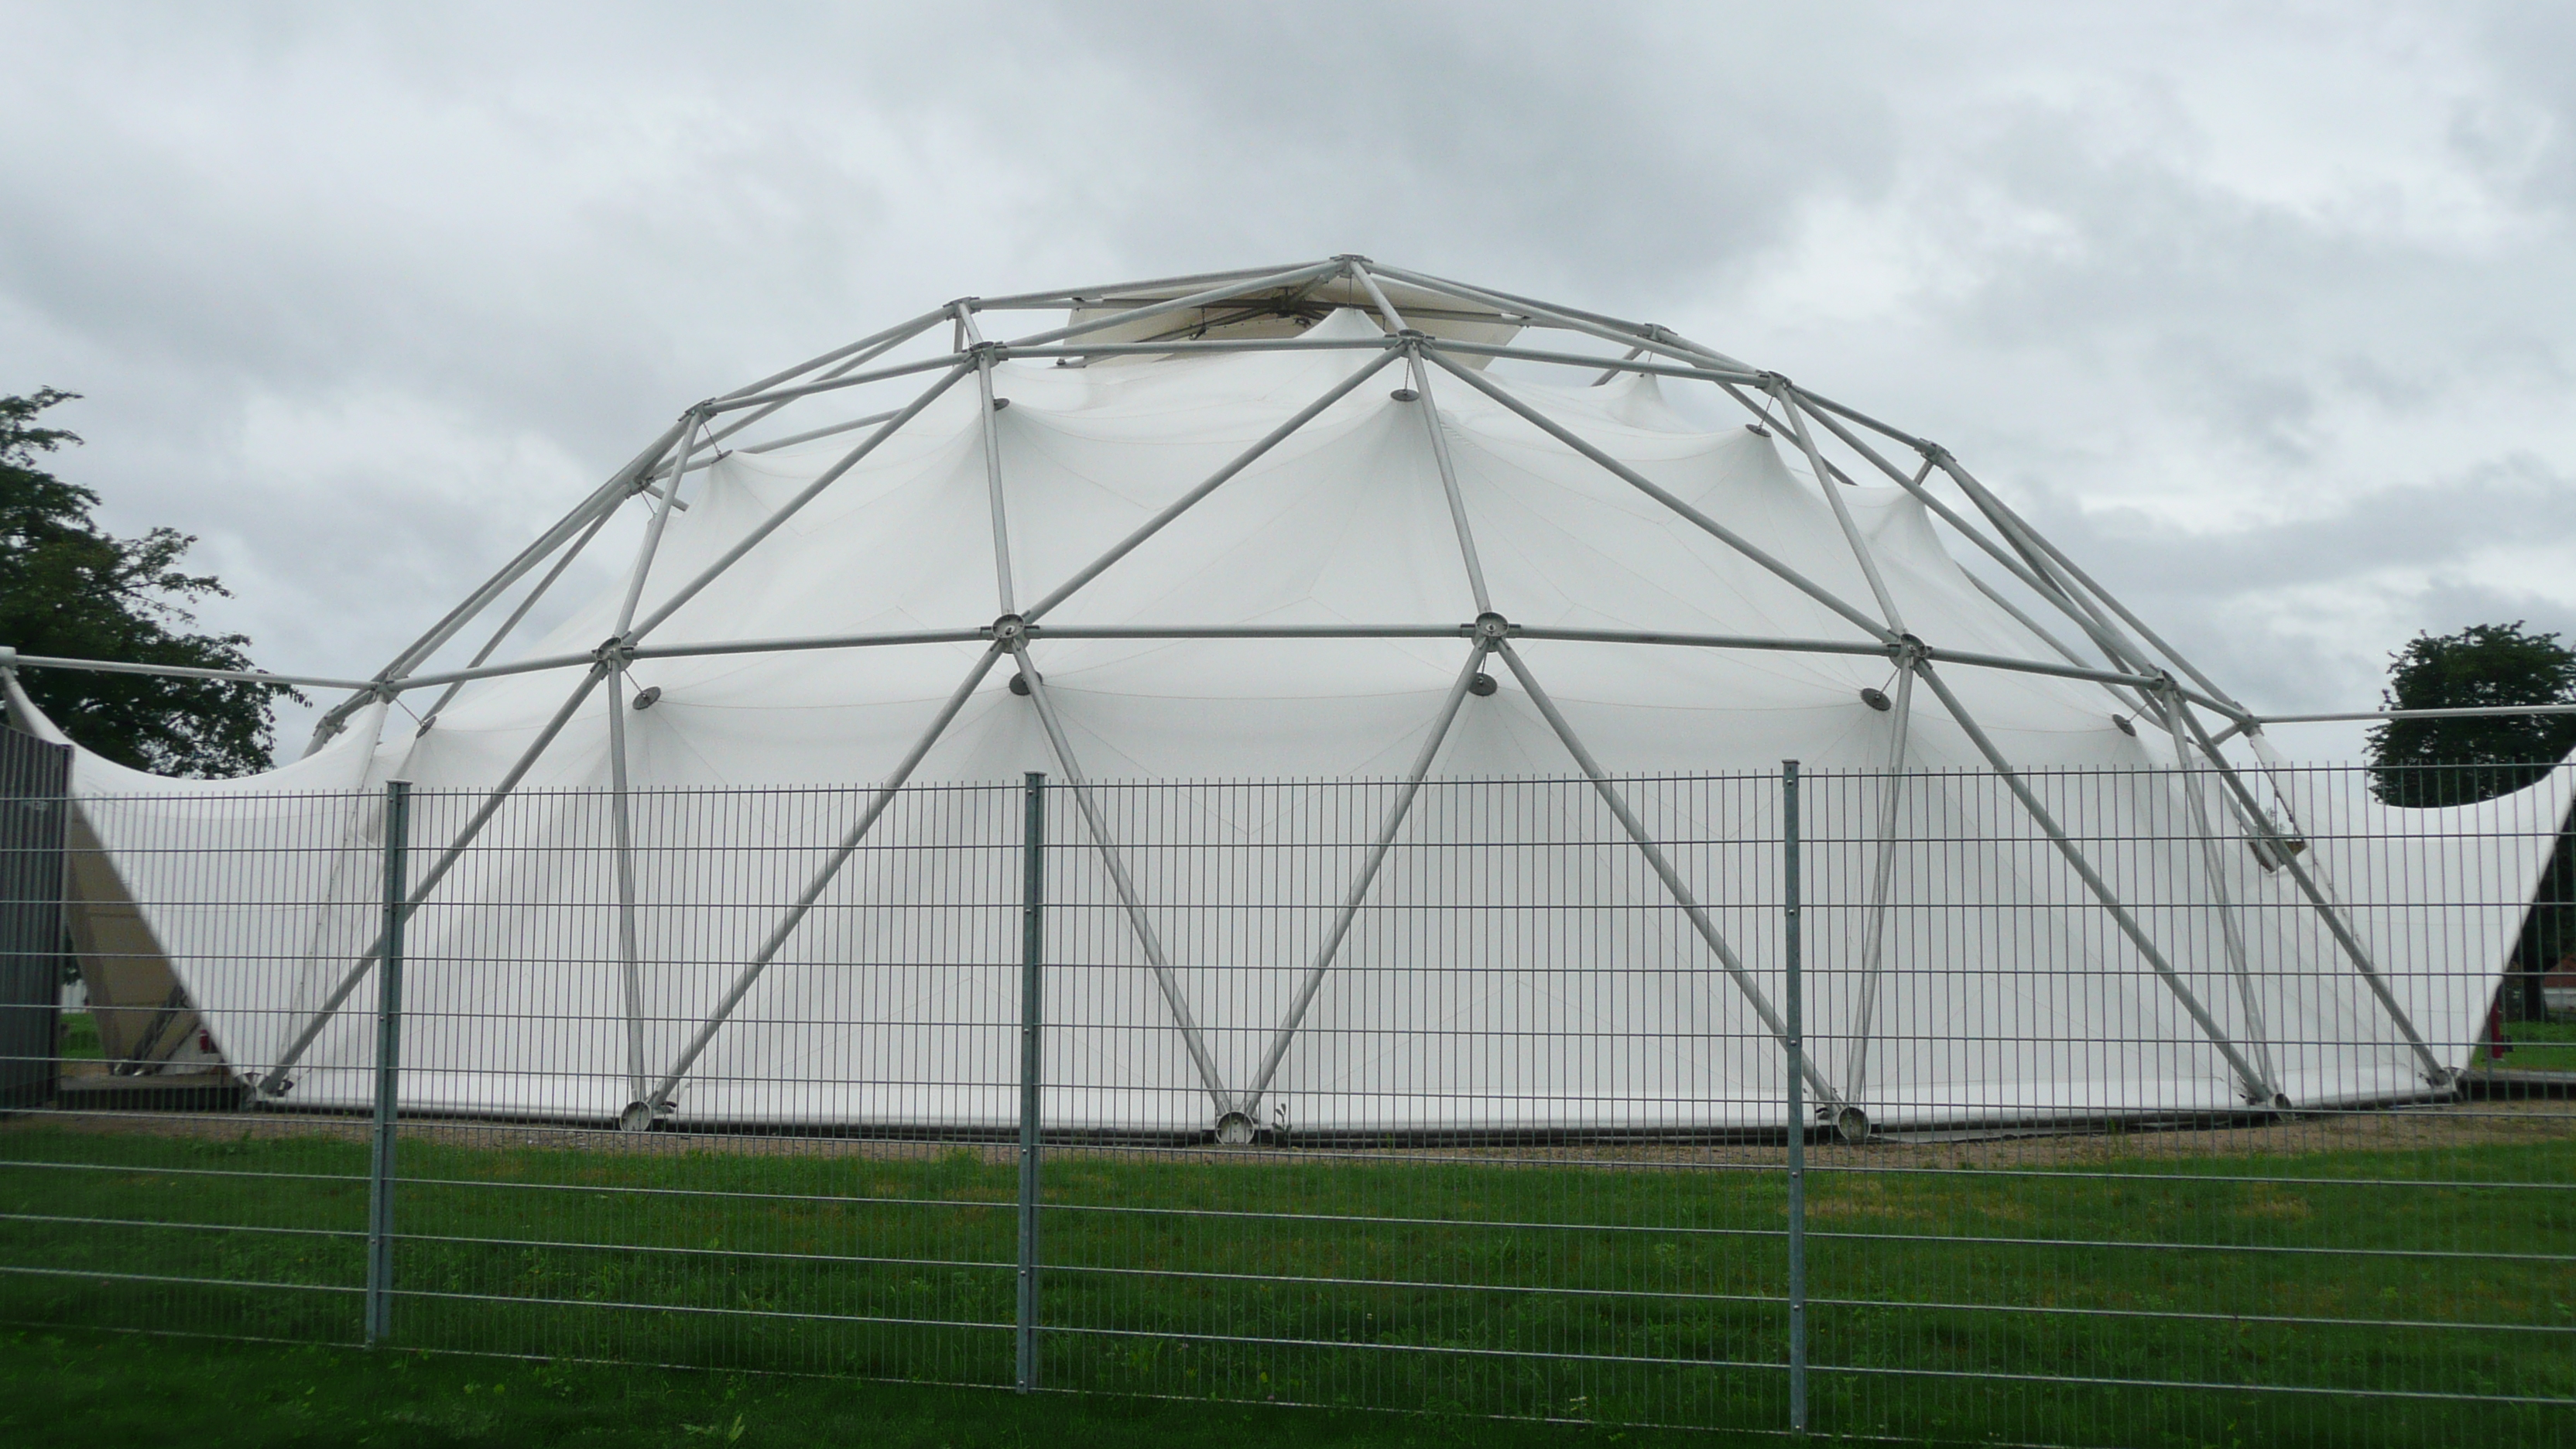 Geodätische Kuppel geodätische kuppel